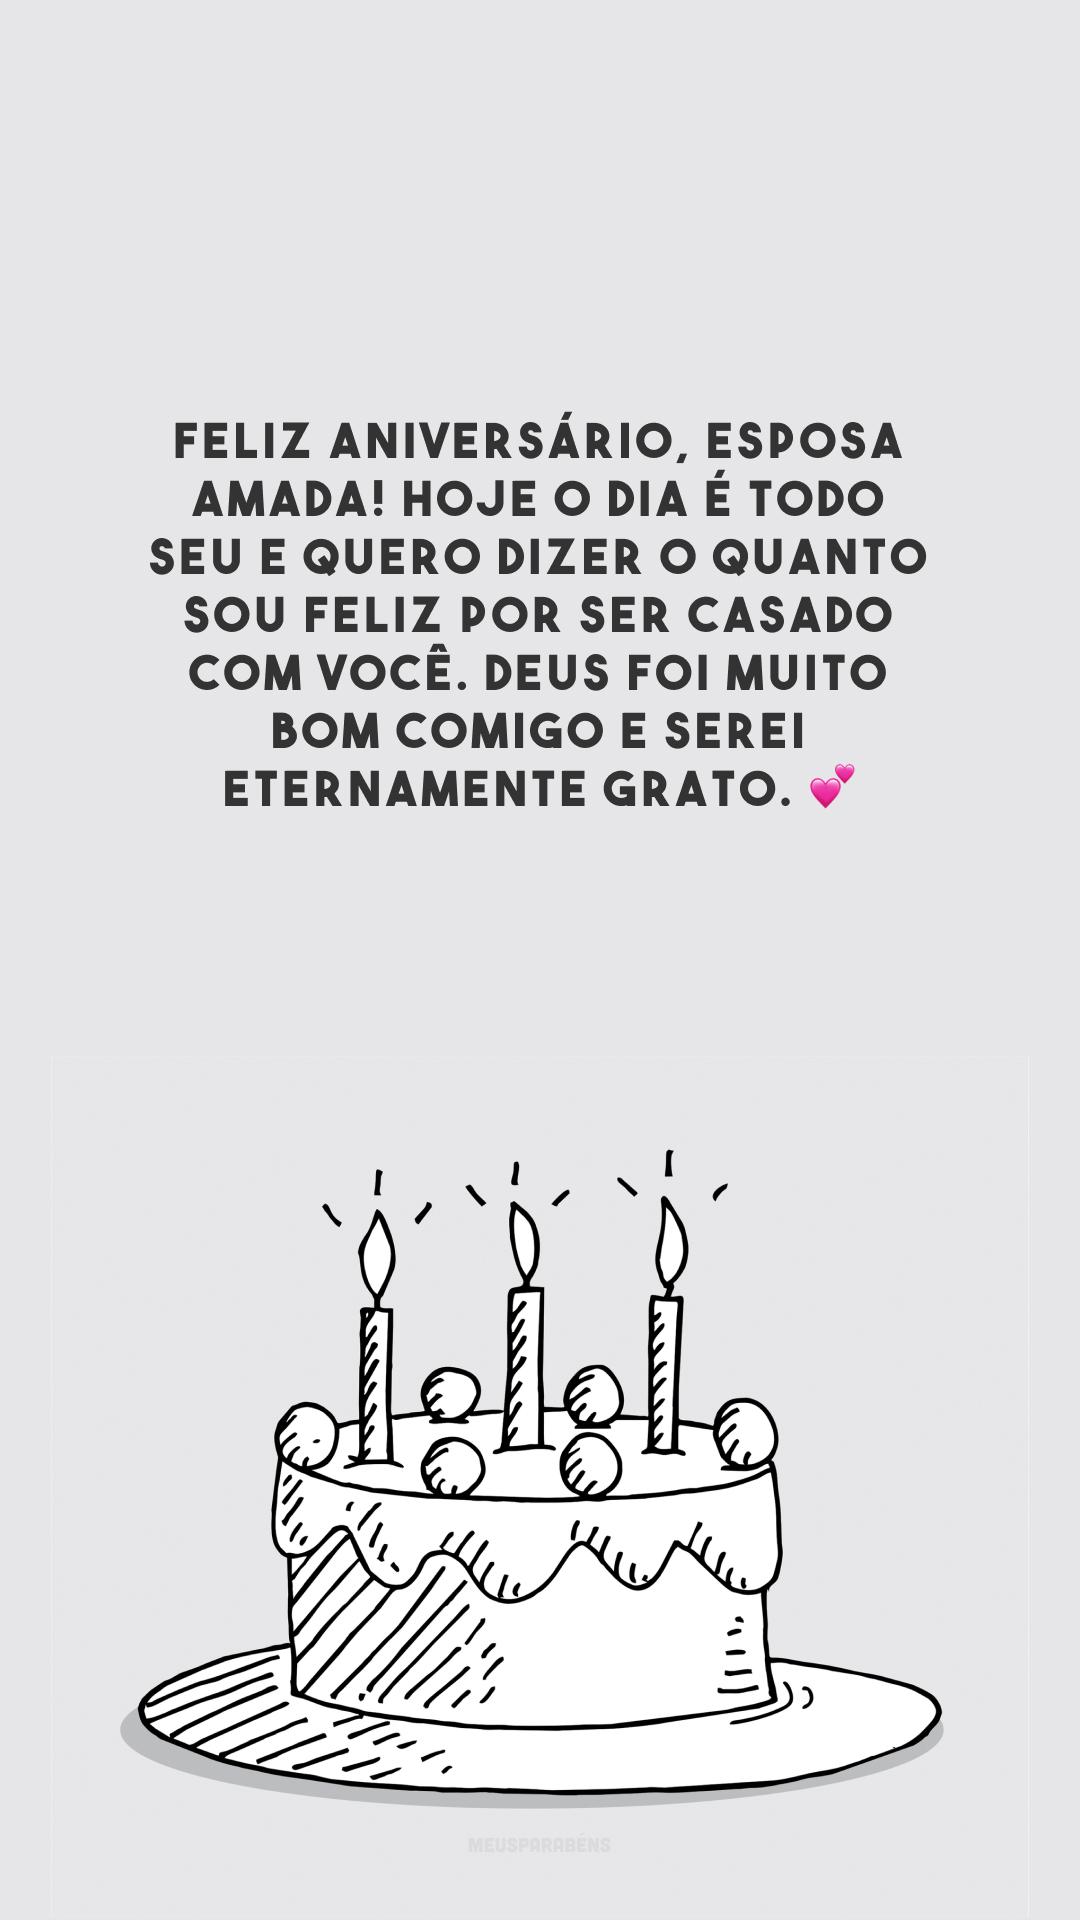 Feliz aniversário, esposa amada! Hoje o dia é todo seu e quero dizer o quanto sou feliz por ser casado com você. Deus foi muito bom comigo e serei eternamente grato. 💕